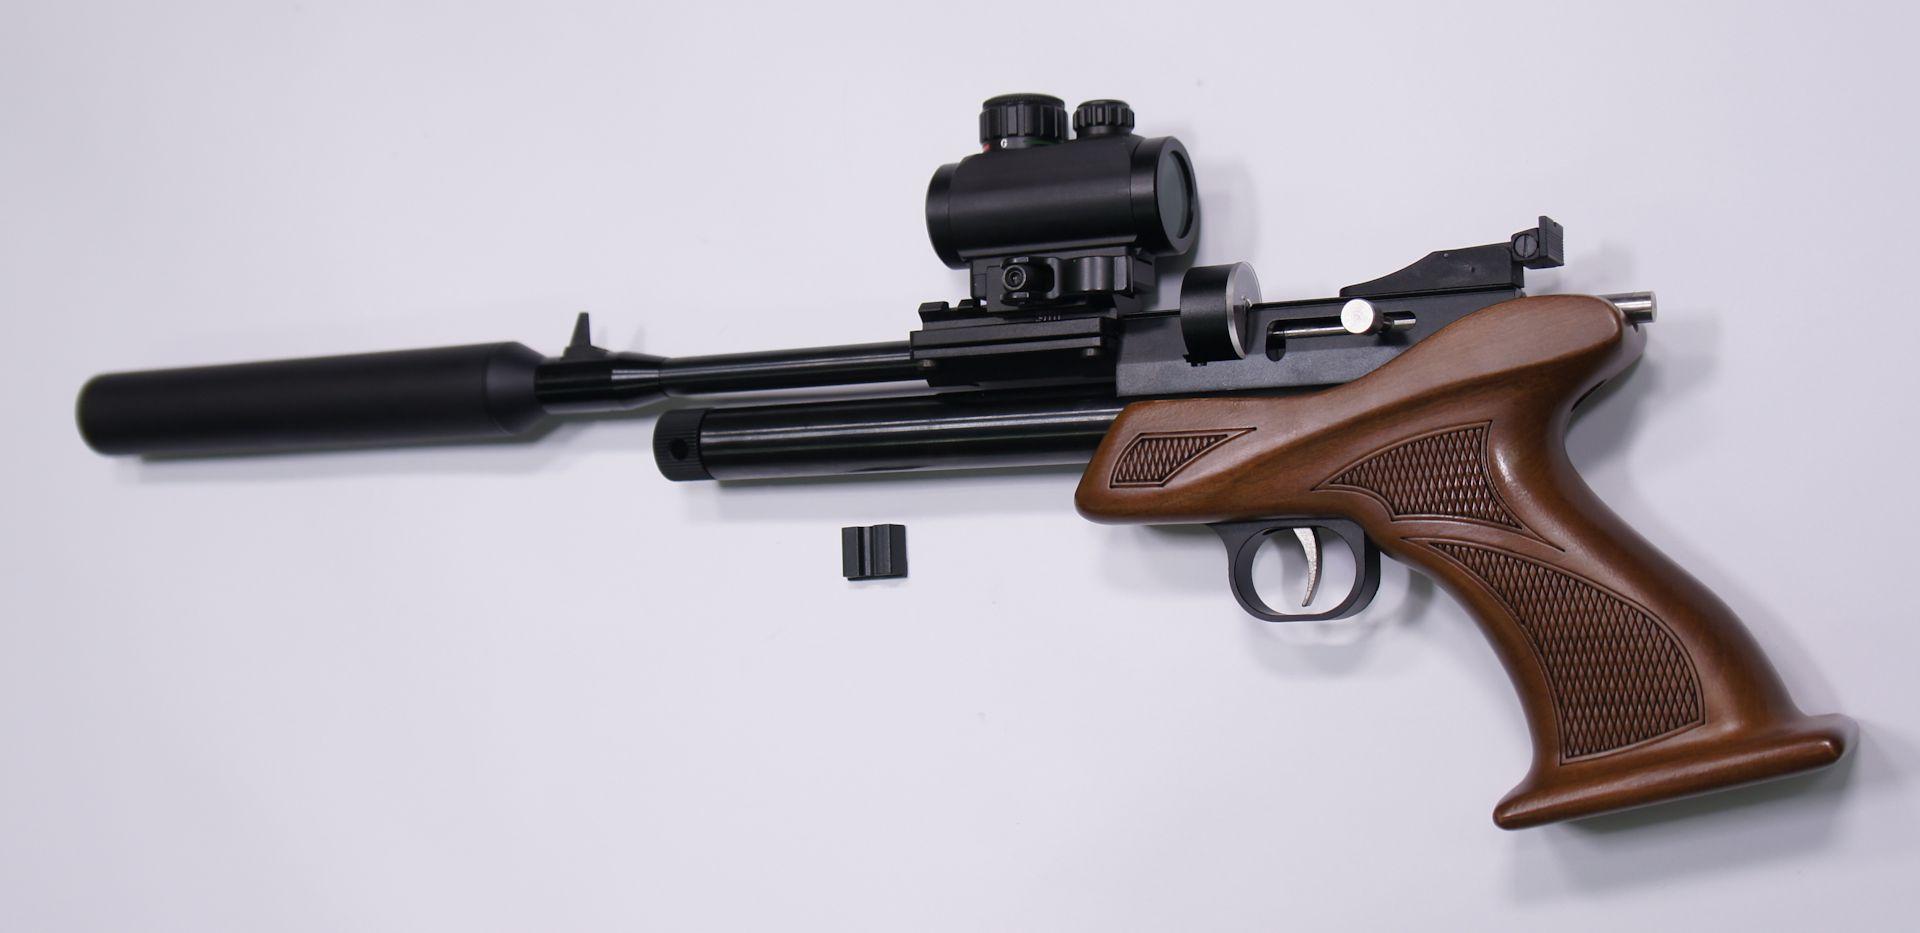 Wie bei diesem Beispiel, kann ich Ihnen auch für diese Pistole ein passendes <a href=1130221.htm> Leuchtpunktvisier </a>anbieten. Für dessen montage ist zusätzlich auch eine <a href=1130667.htm> Lauf- Montagebasis </a> erforderlich.